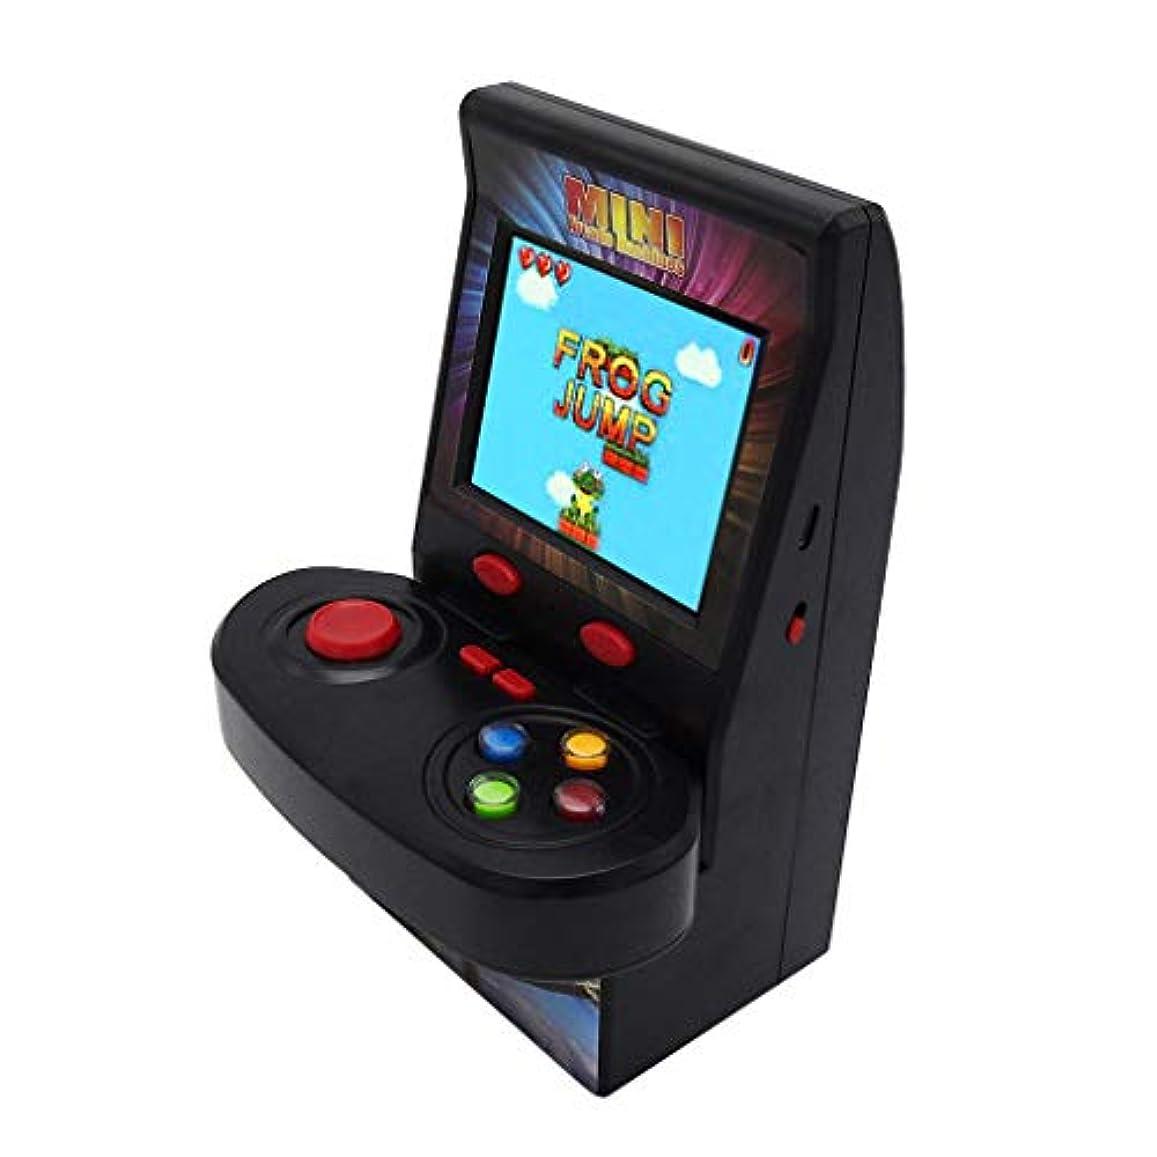 携帯ゲーム機 ゲームプレーヤー ワイヤレスジョイスティック アーケードゲーム コンソール シングルハンドル ゲームコンソール ノスタルジック100ゲームhuajuan